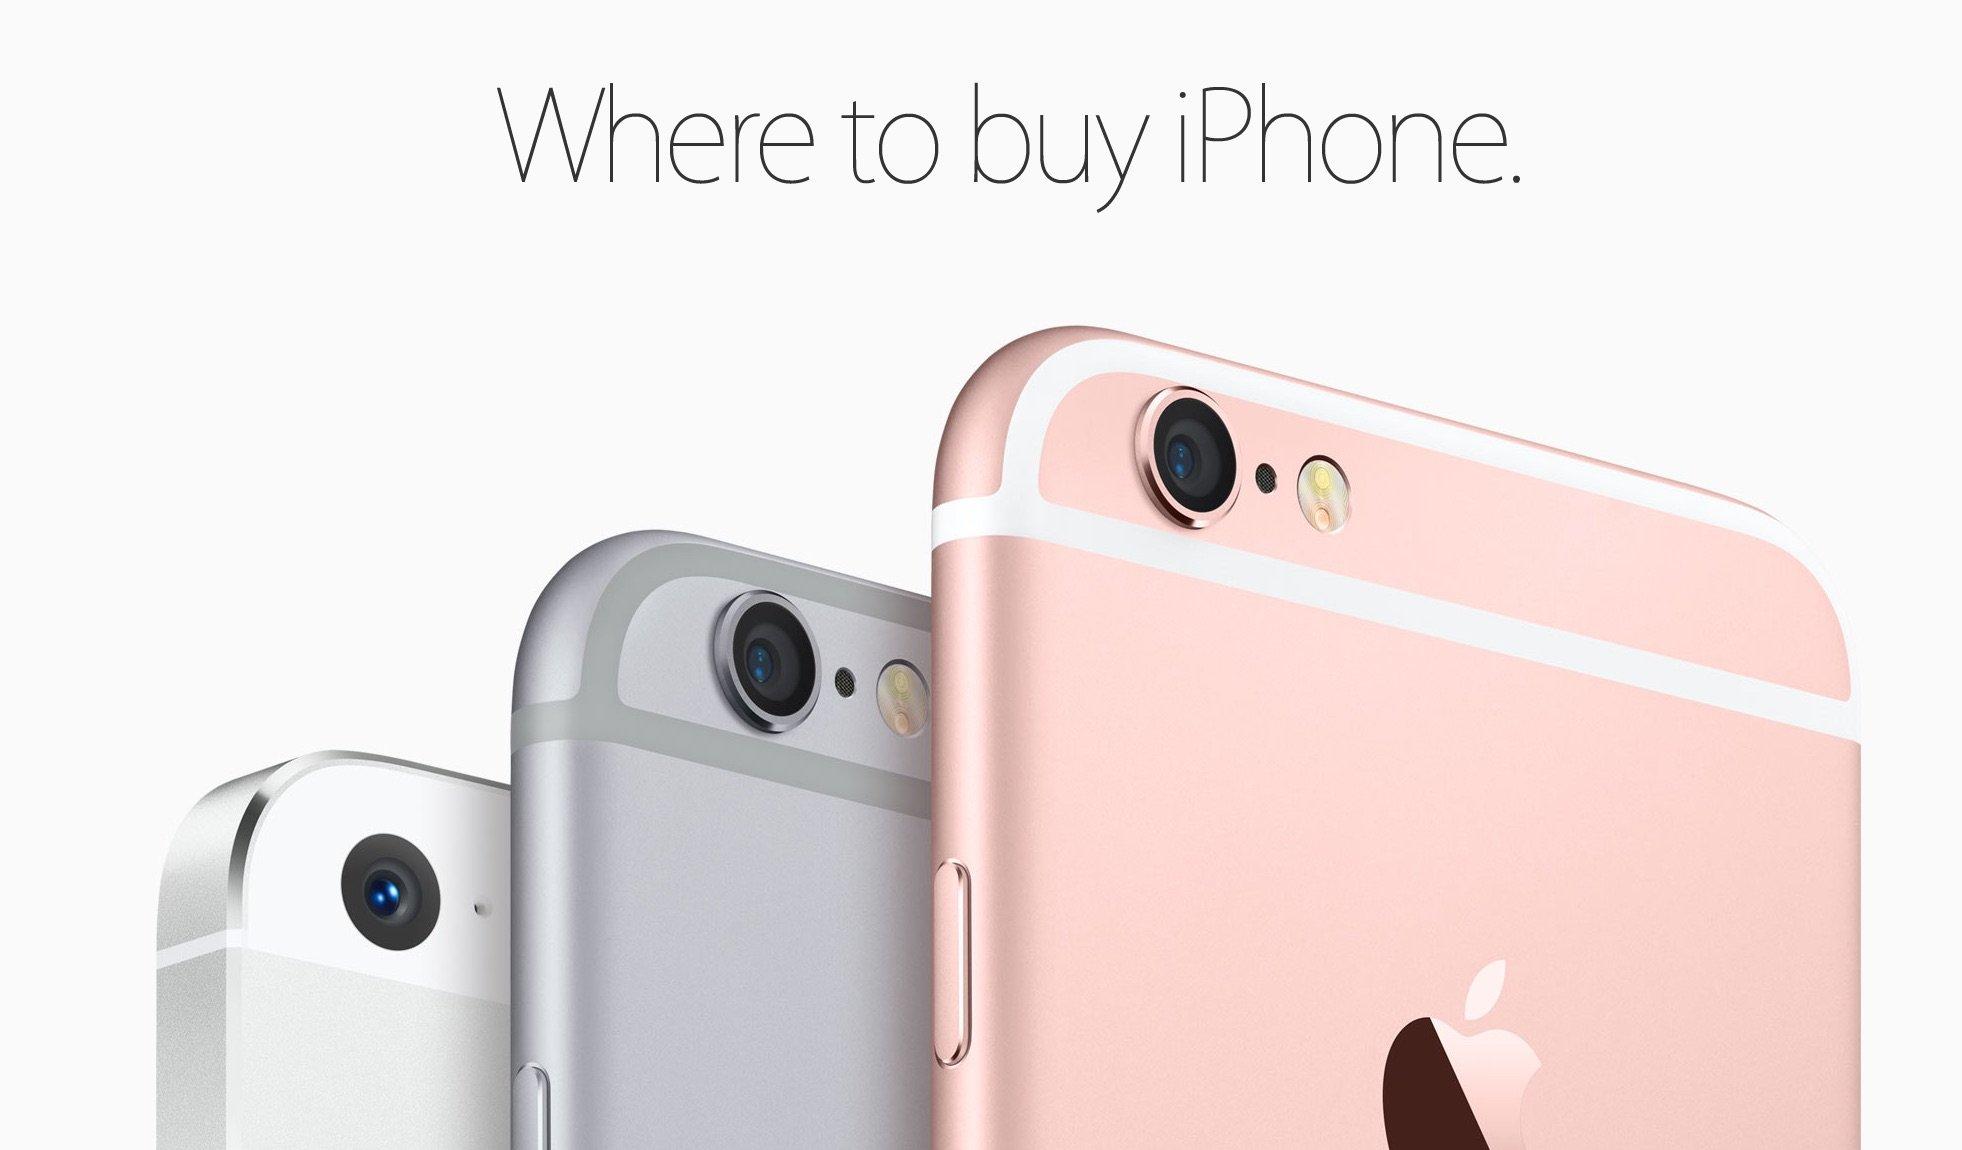 Apple iPhone 7: Hülle im Vergleich mit iPhone 6s (Video) 8